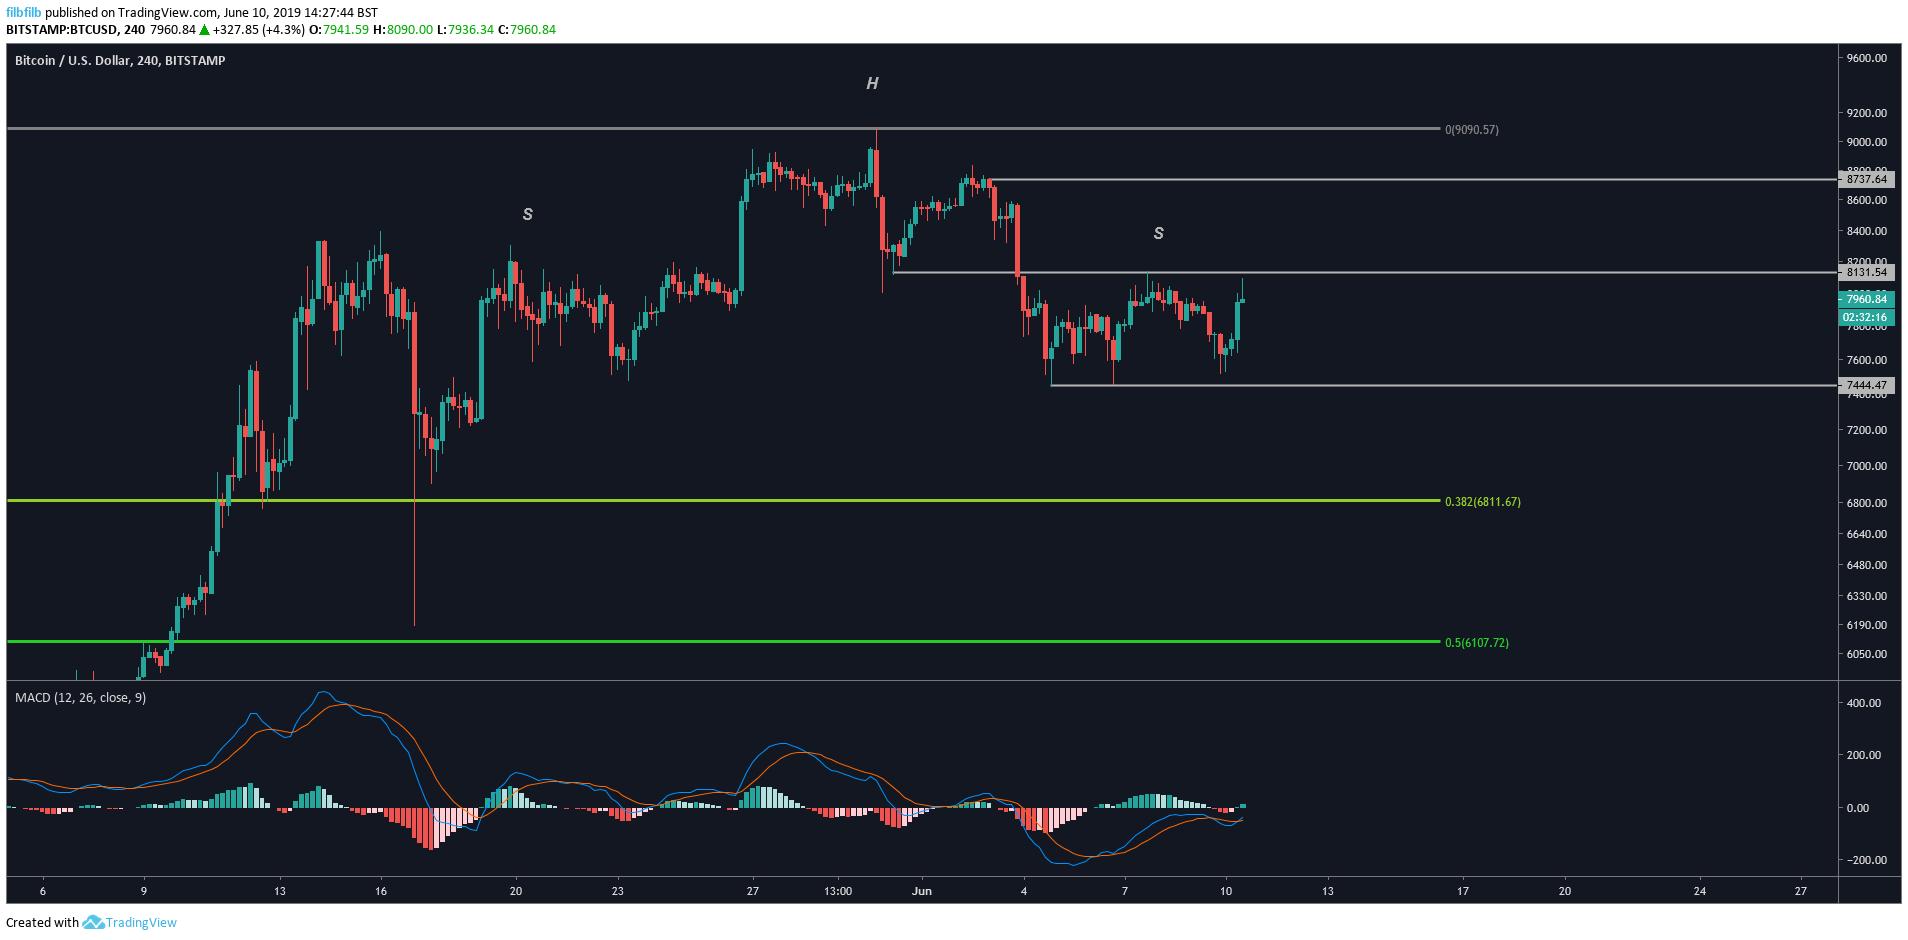 bitcoin price analysis chart